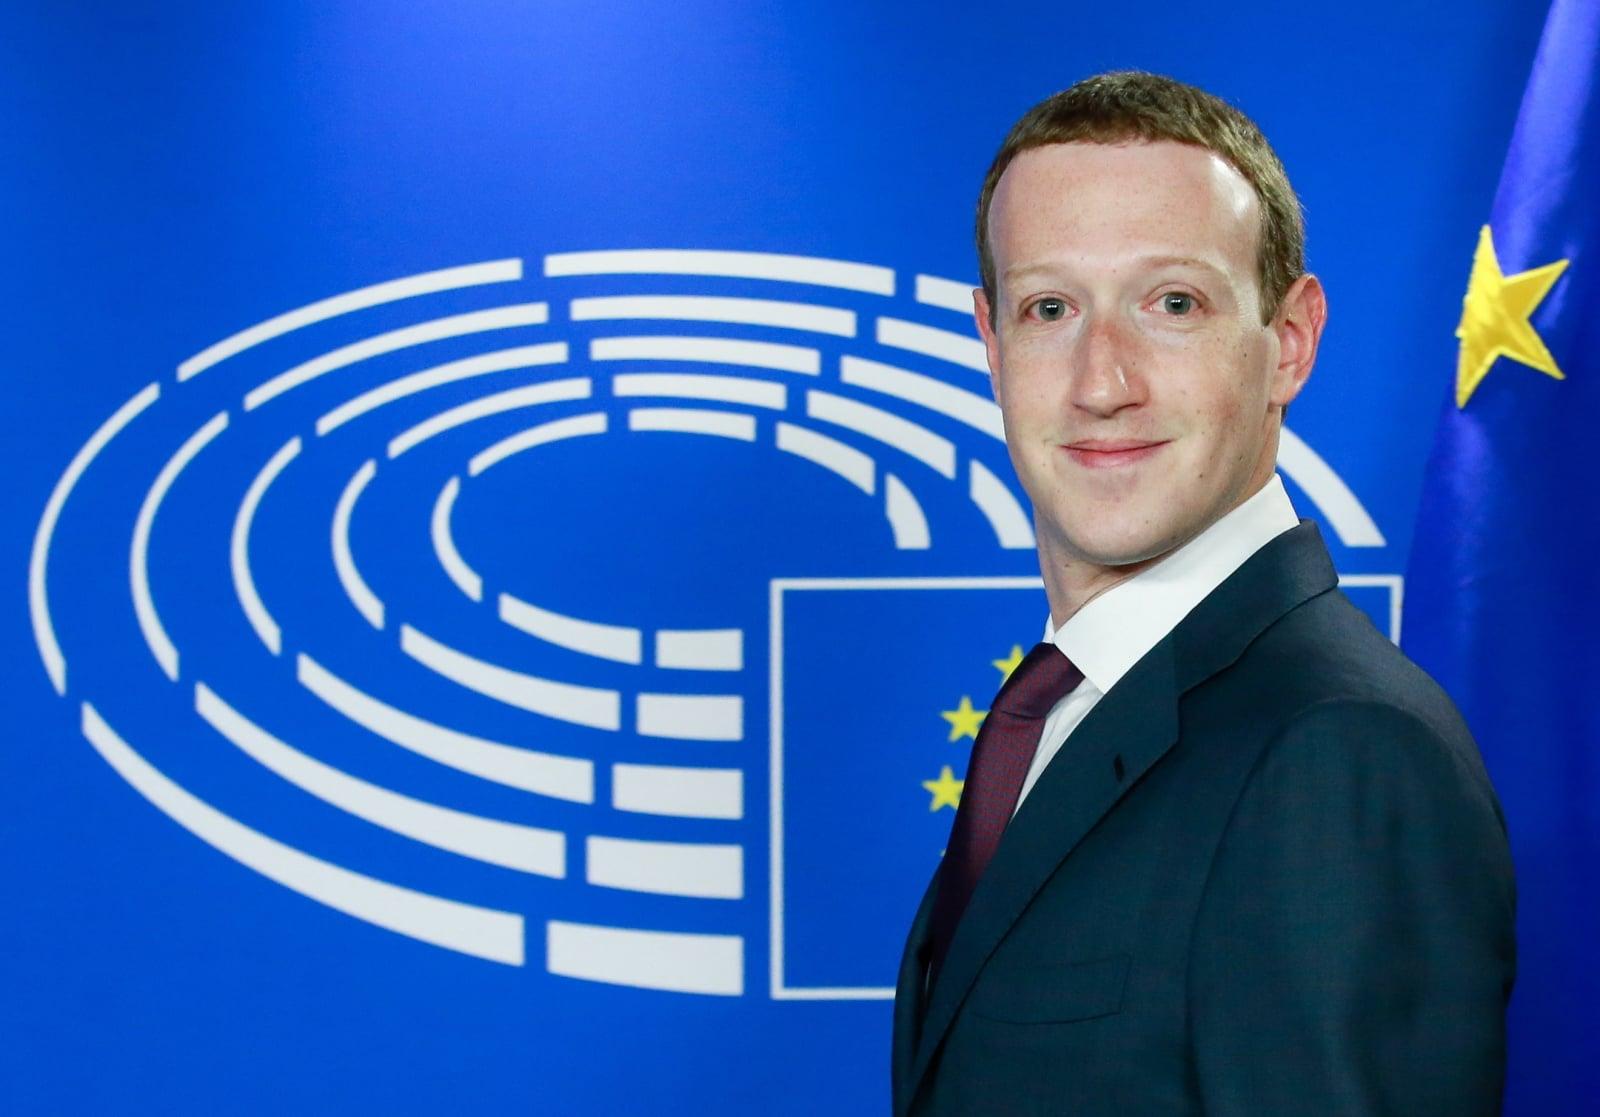 W Brukseli dzisiaj kolejna odsłona przesłuchania szefa Facebooka - Marka Zuckerberga